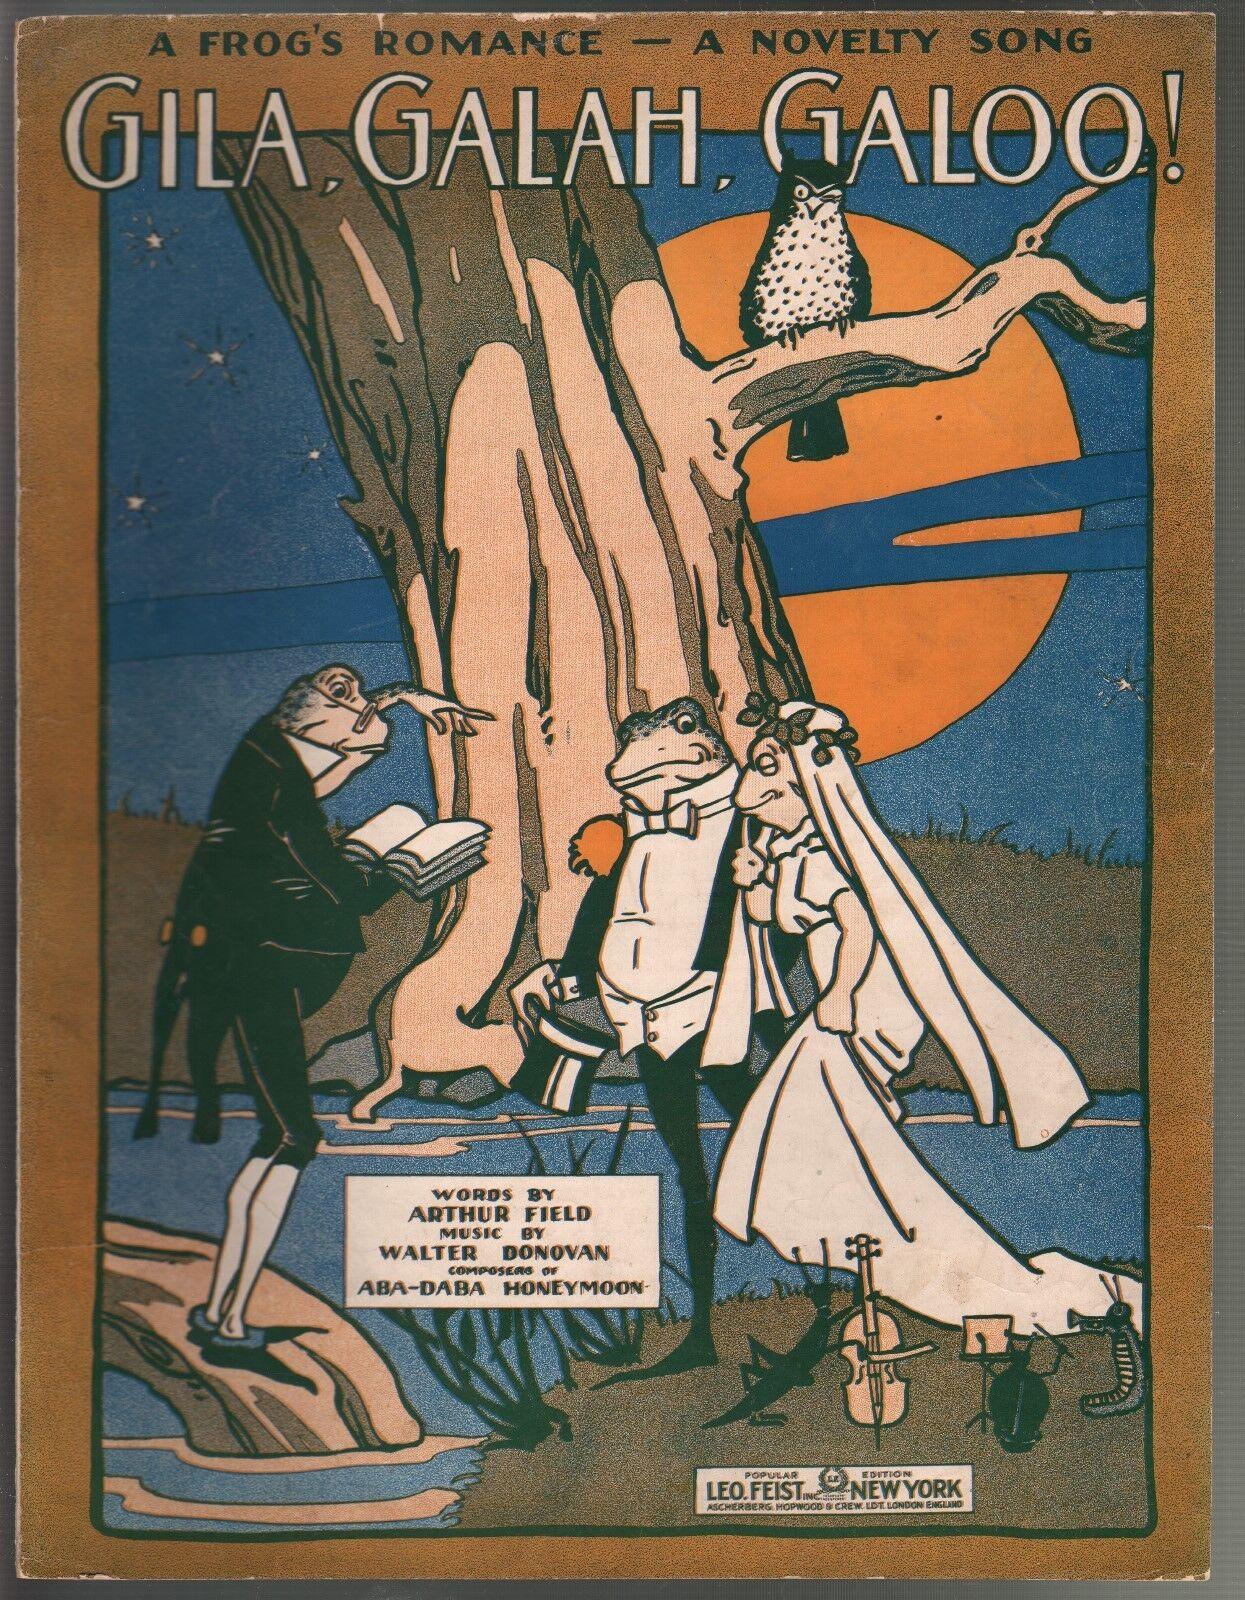 Gila Galah Galoo 1916 Large Format Sheet Music